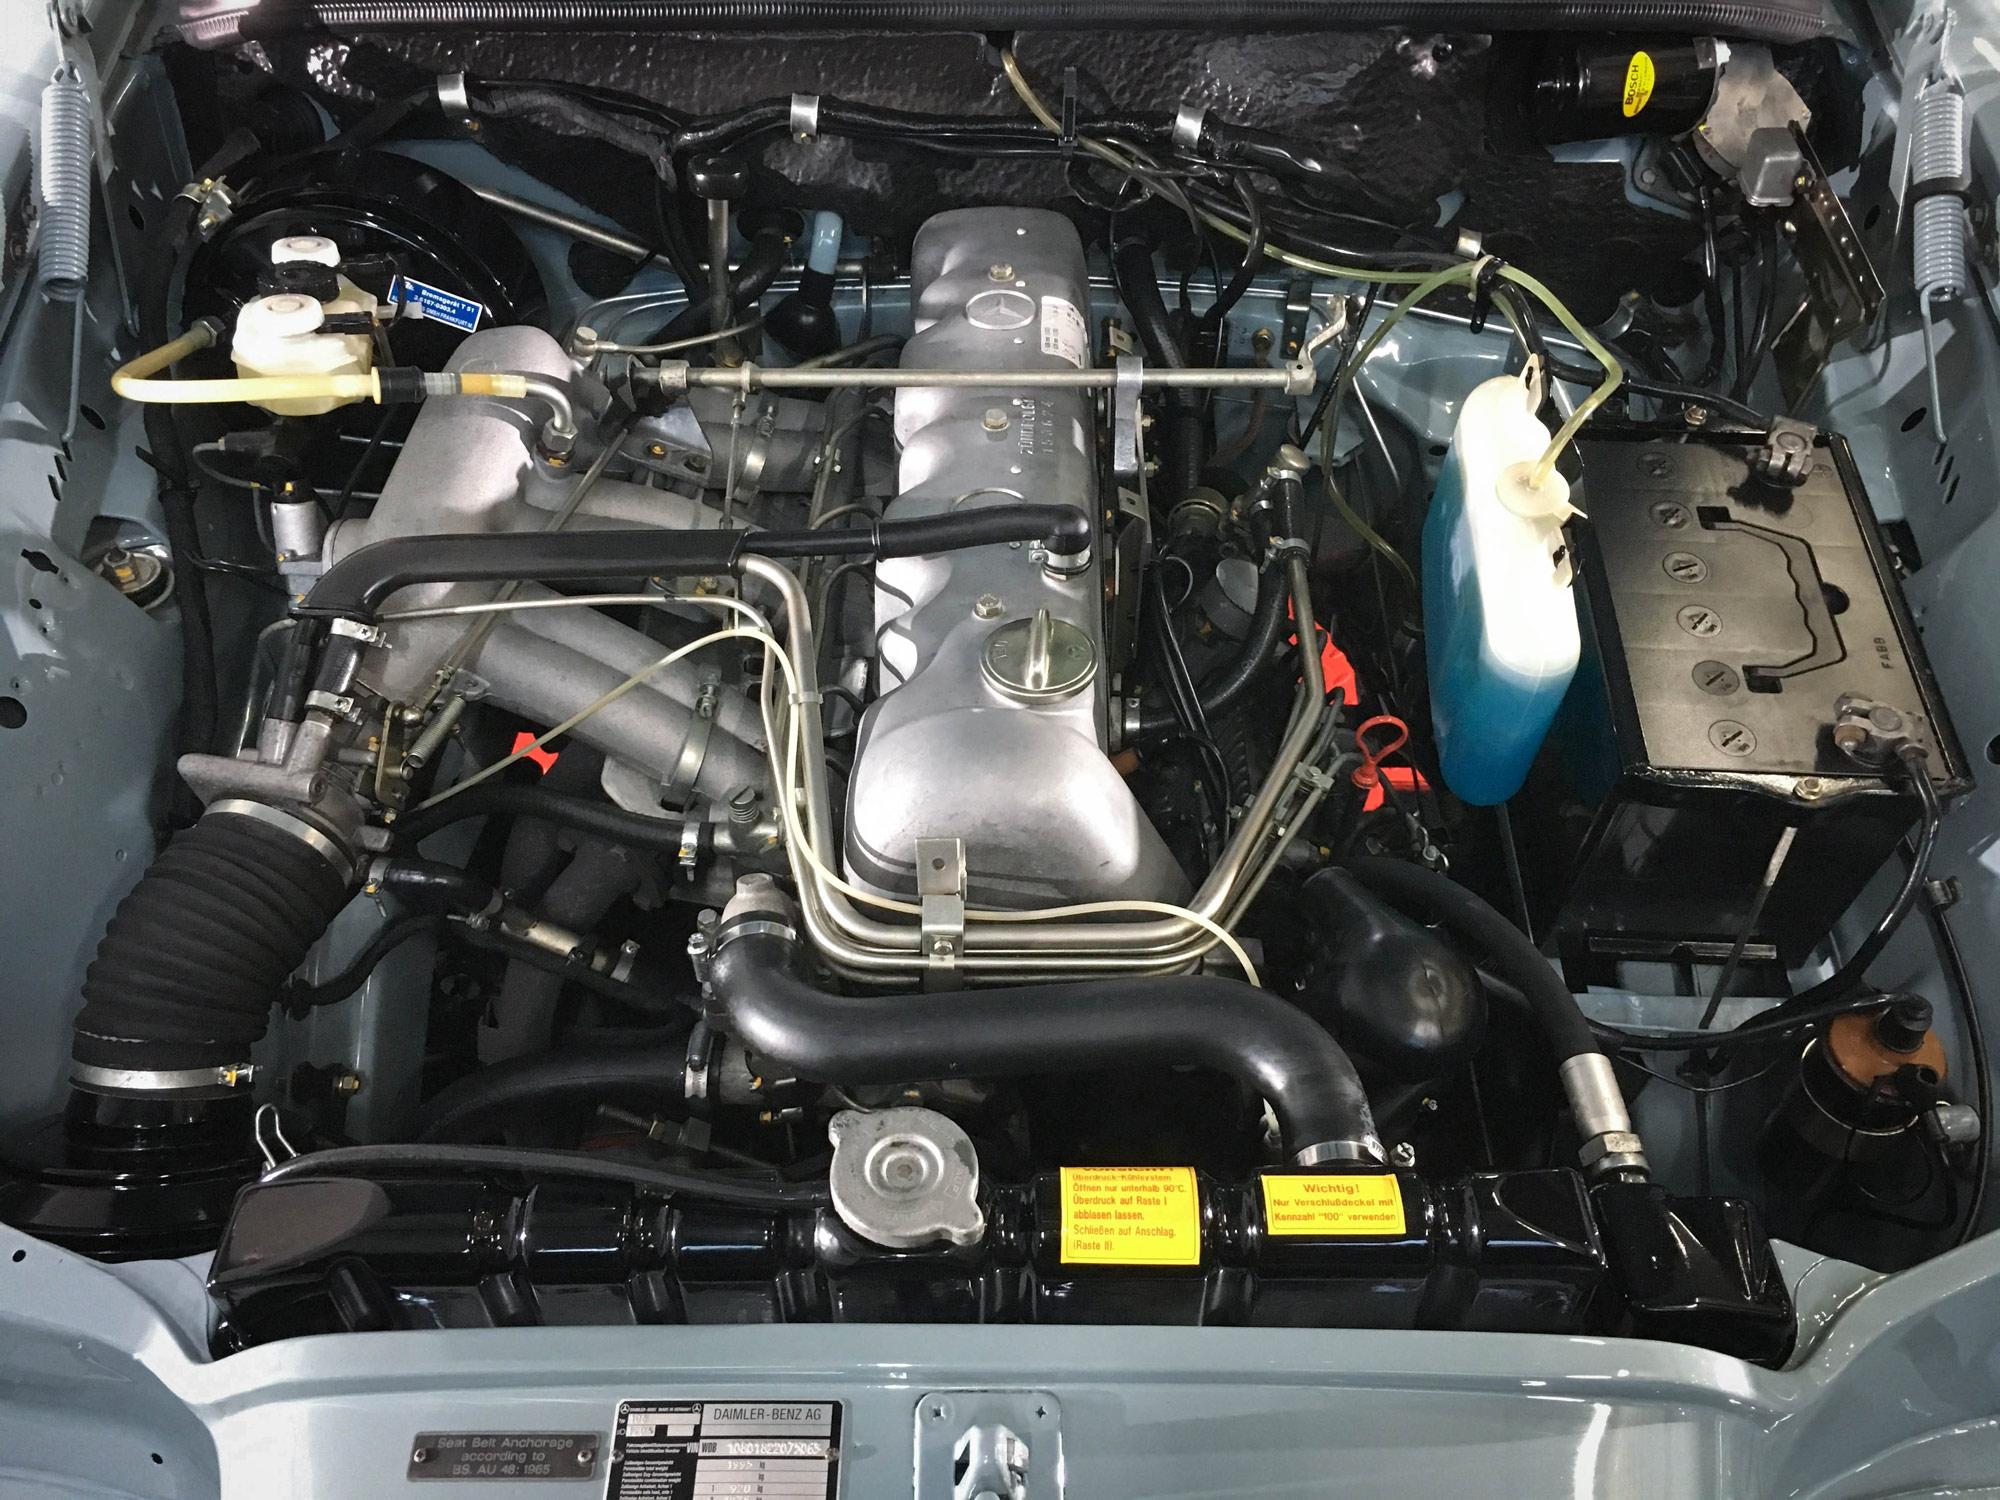 Mercedes_280se-engine